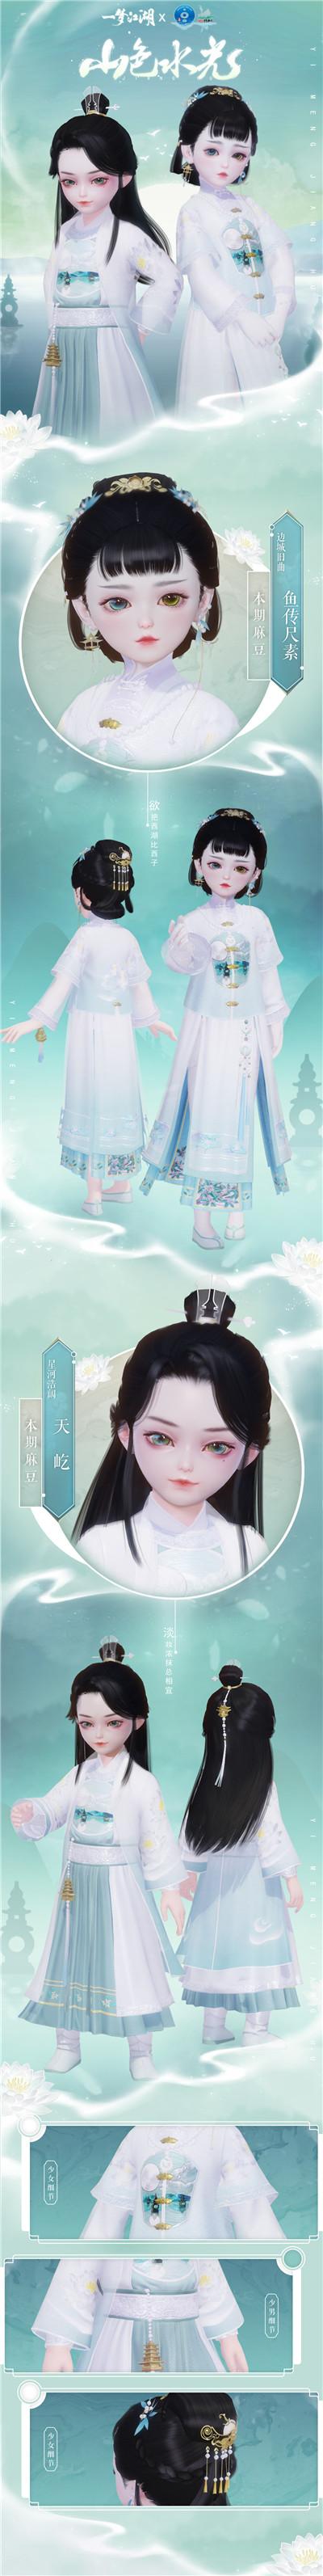 一梦江湖山色水光时装获取方法攻略